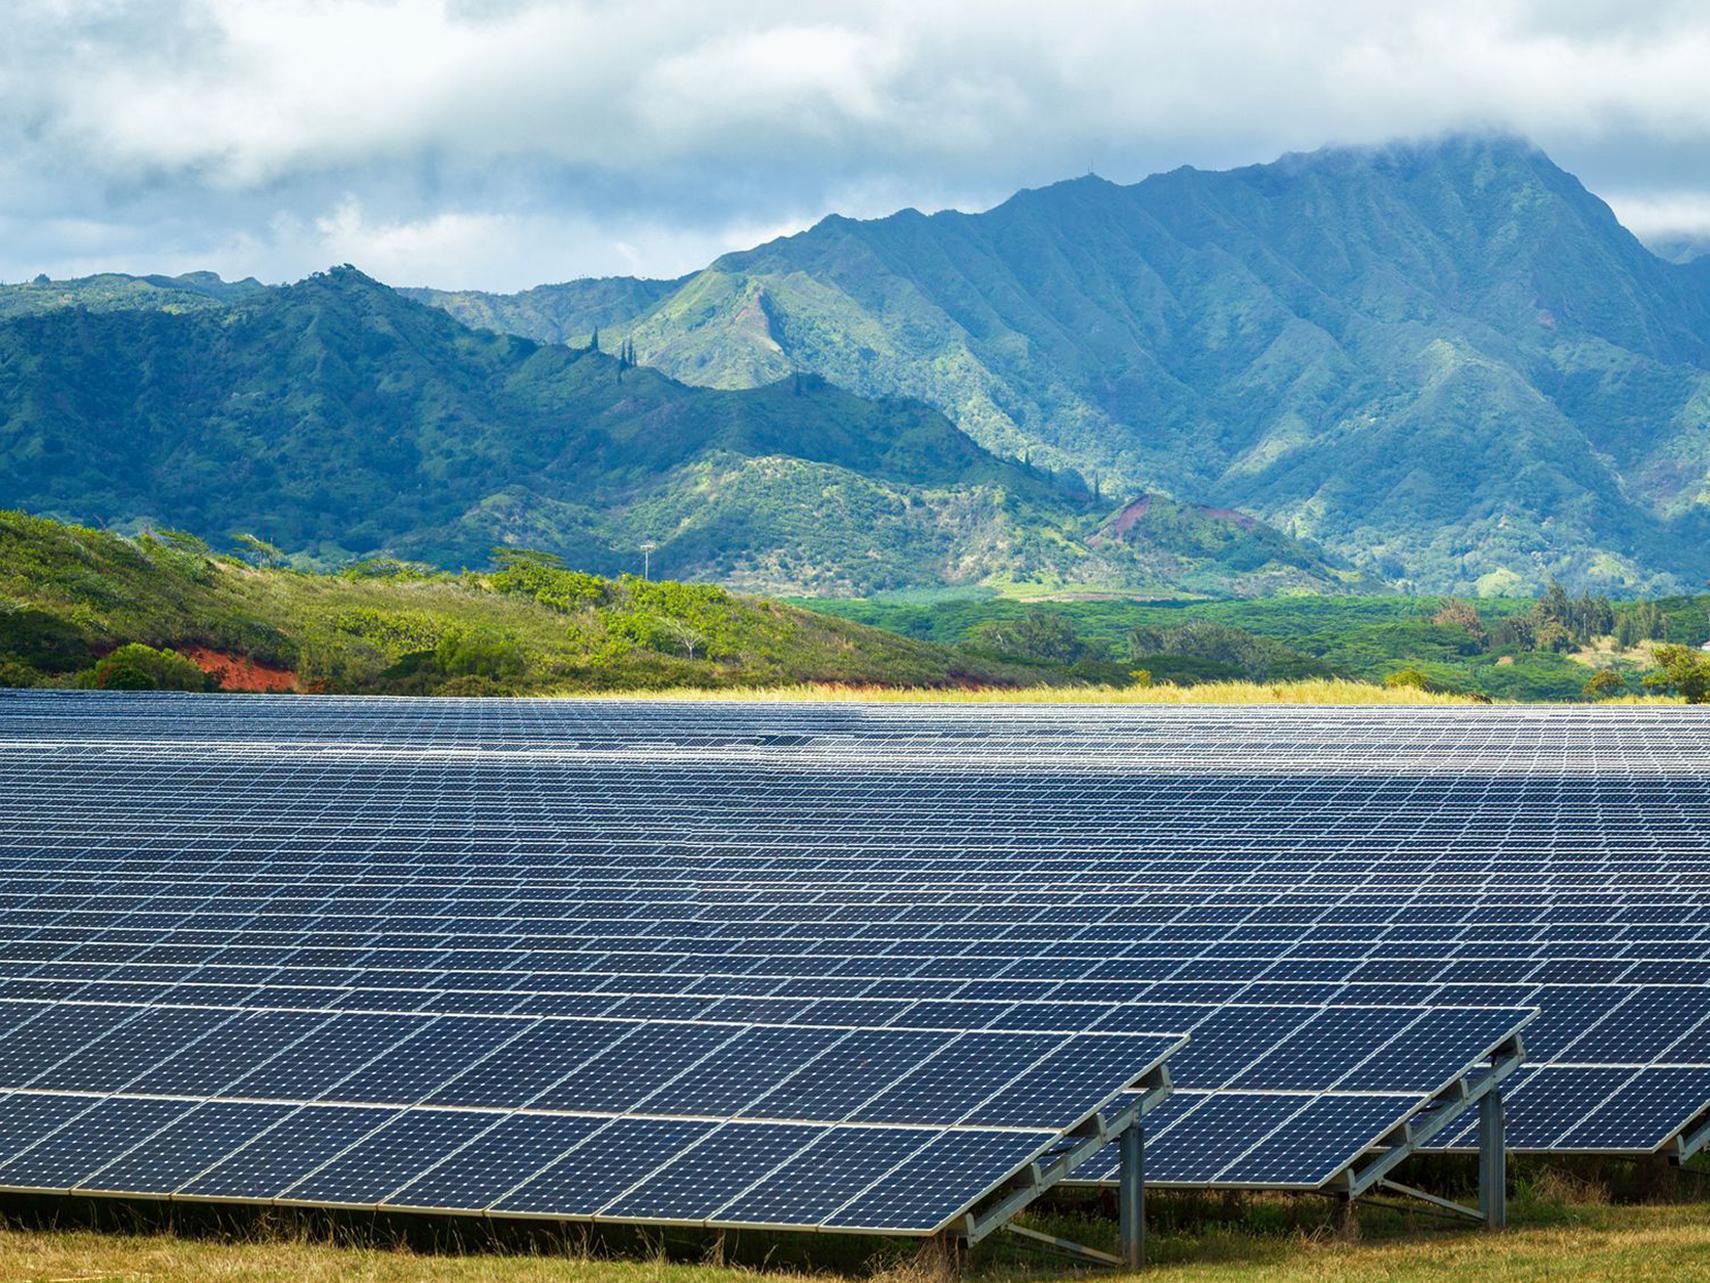 Проектирование солнечных электростанций: когда важна каждая мелочь